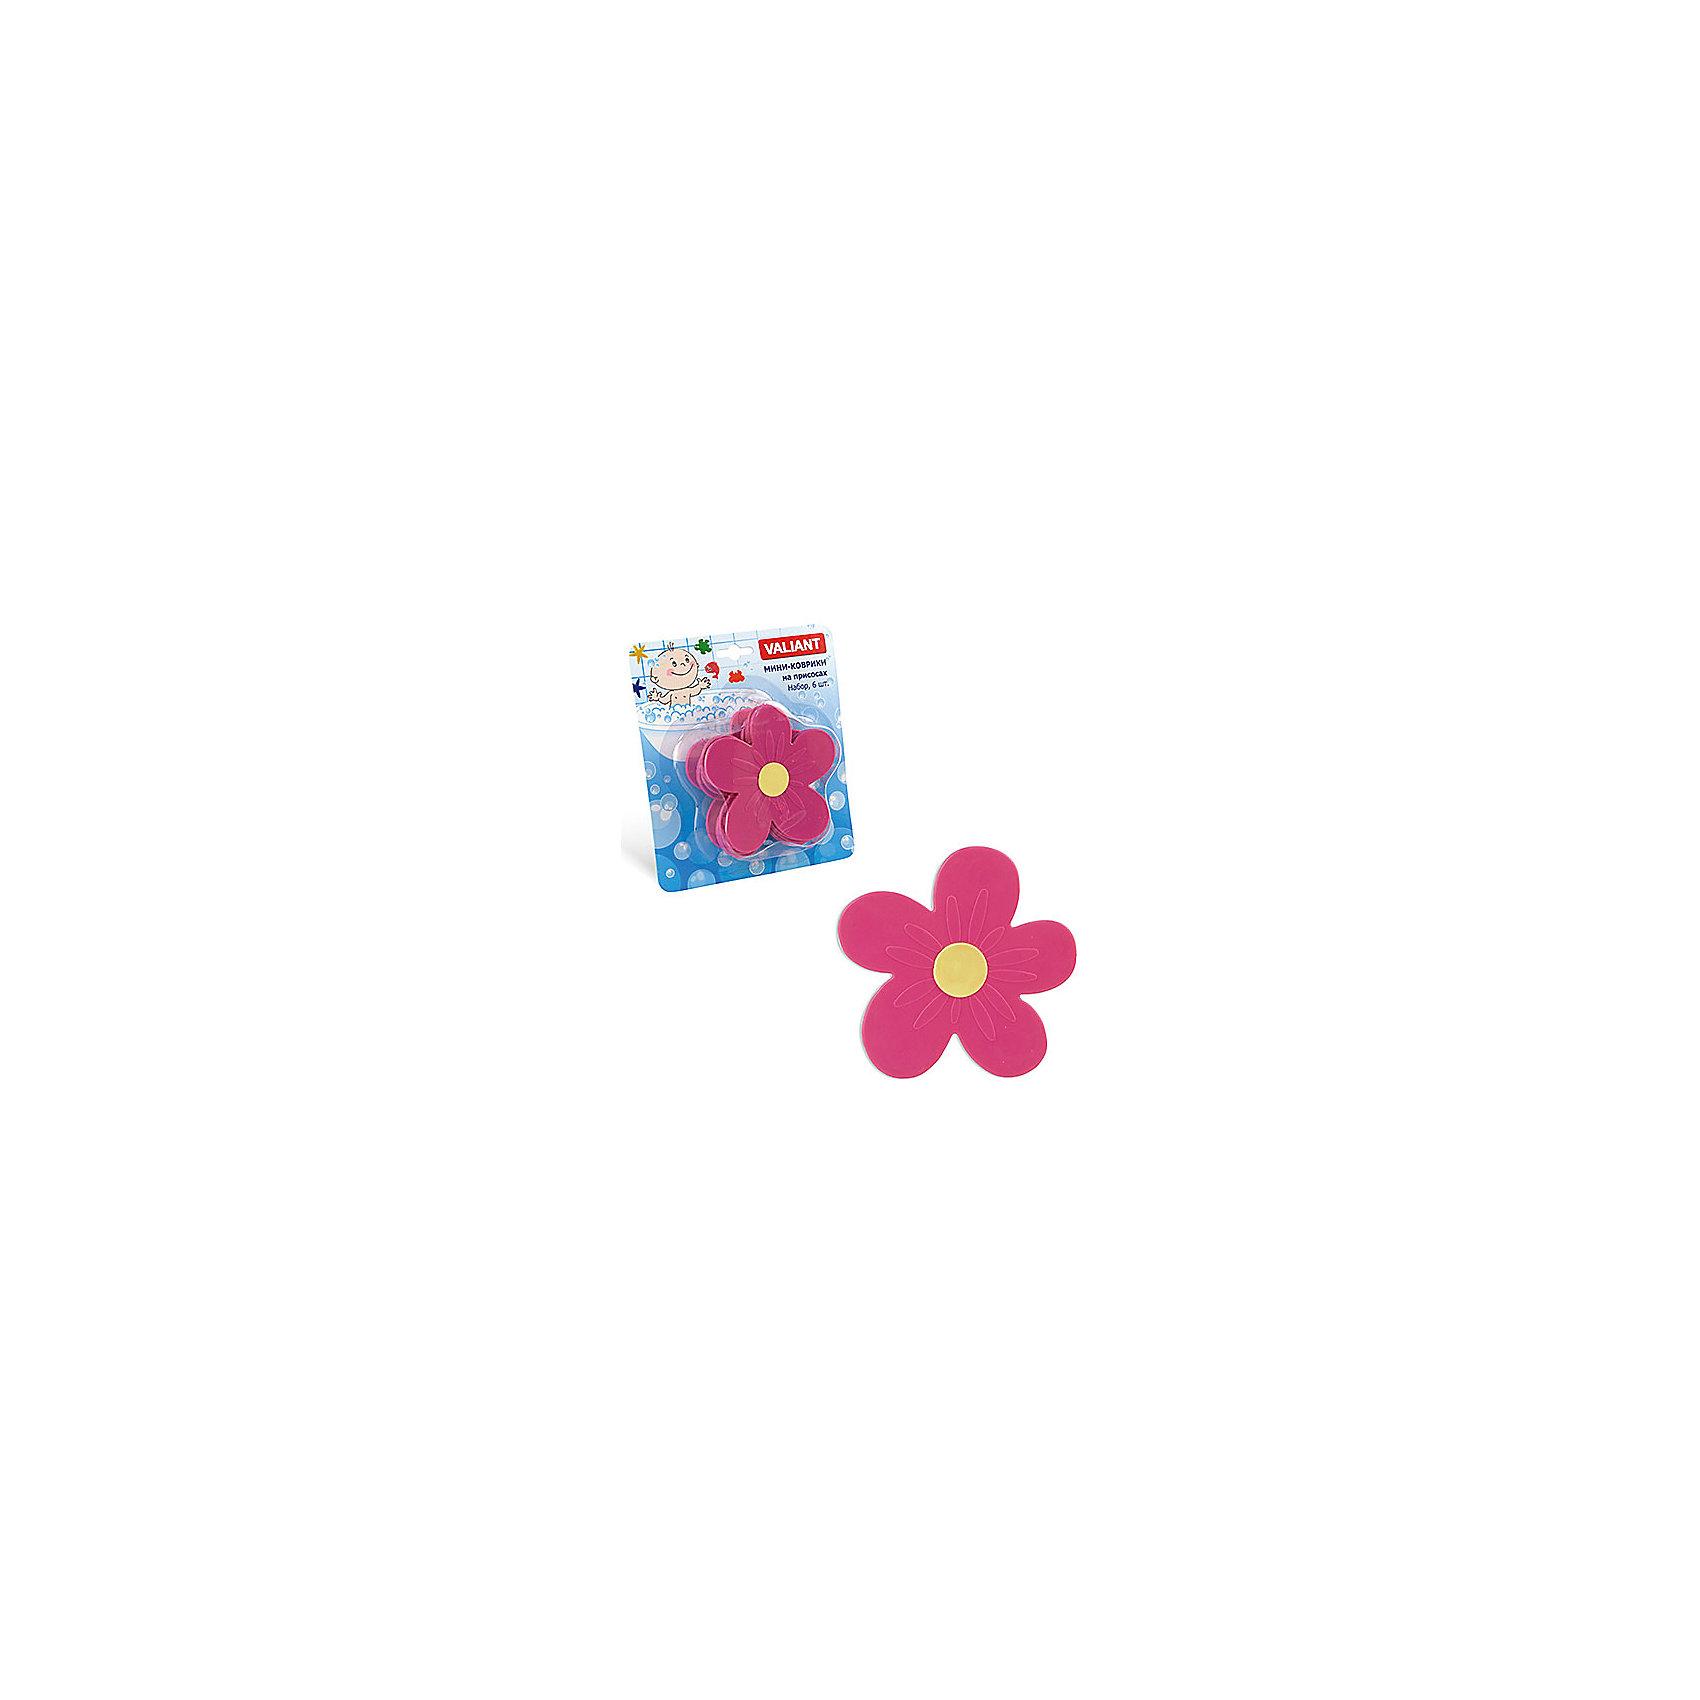 Набор ковриков Цветок на присосках (6 шт)Мини-коврики для ванной комнаты - это яркое дополнение к купанию малыша. Это и игра и развитие моторики и изучение зверушек. <br>Колоссальный и постоянно растущий спрос на них обусловлен реакцией малышей и их мам на данное изобретение по всему миру.<br>Мини-коврики снабжены присосками и превосходно клеятся на влажный кафель.<br><br>Ширина мм: 110<br>Глубина мм: 110<br>Высота мм: 50<br>Вес г: 188<br>Возраст от месяцев: -2147483648<br>Возраст до месяцев: 2147483647<br>Пол: Унисекс<br>Возраст: Детский<br>SKU: 4563316